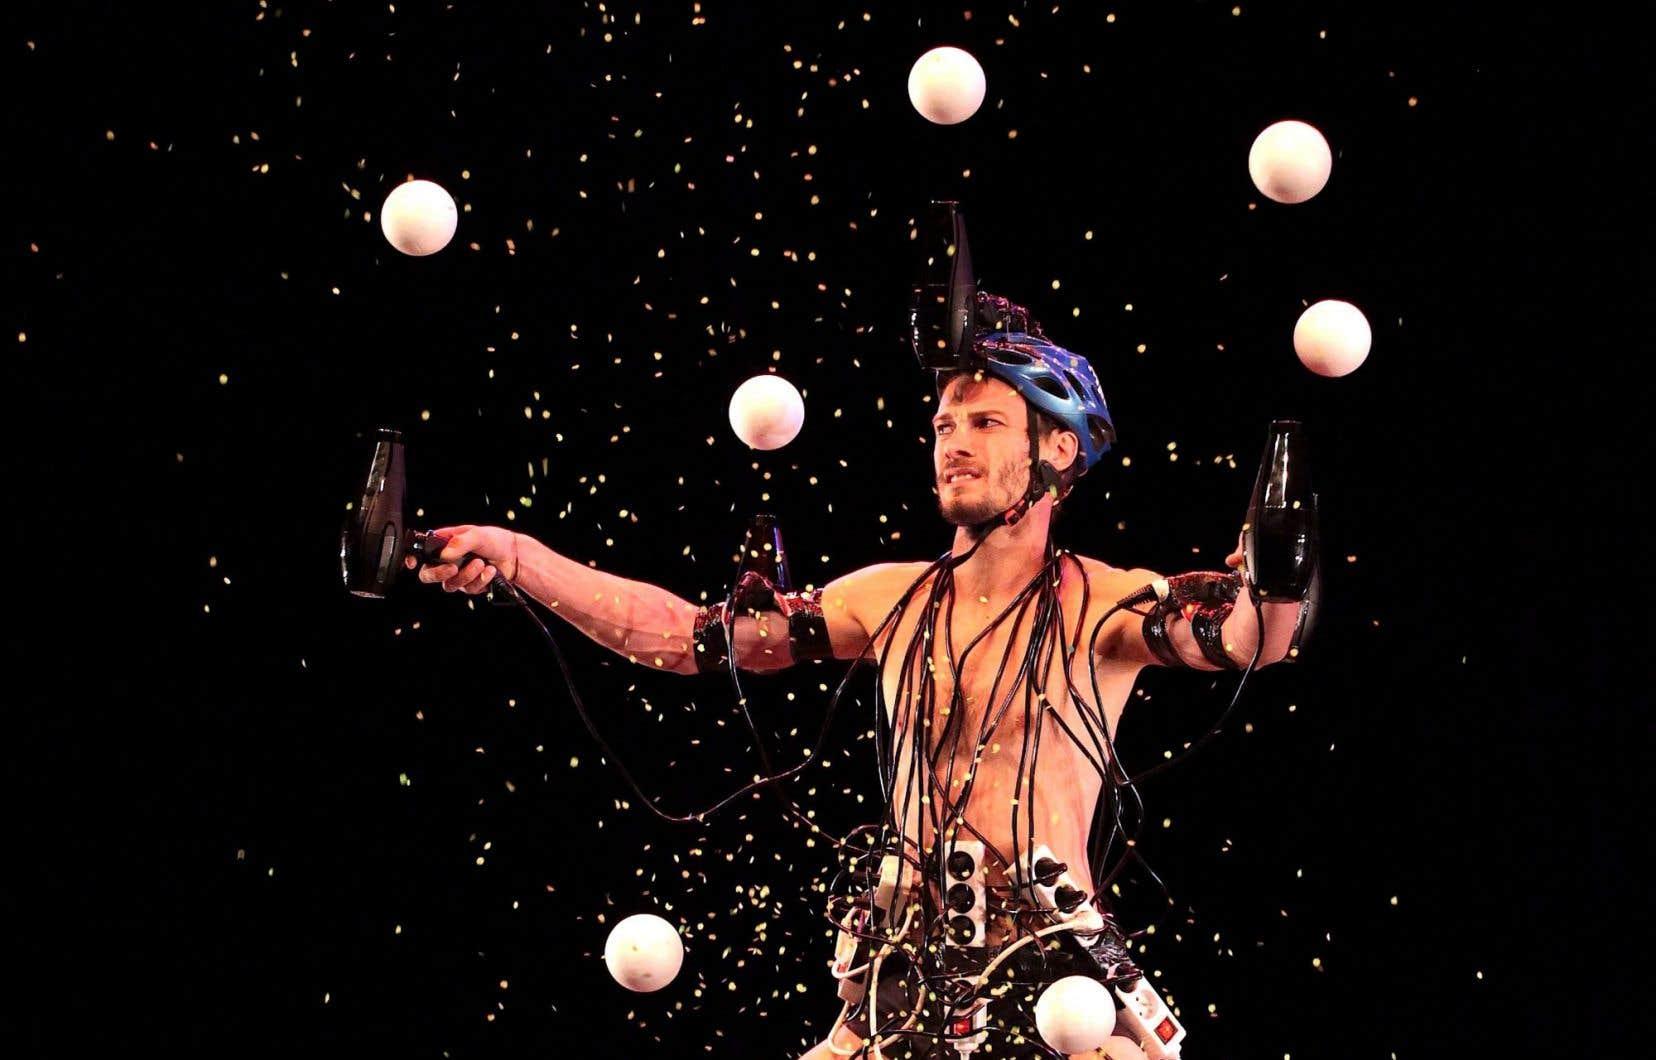 Avec «Opéra pour sèche-cheveux», la magie du rire l'emporte et les spectateurs retrouvent leur cœur d'enfant.